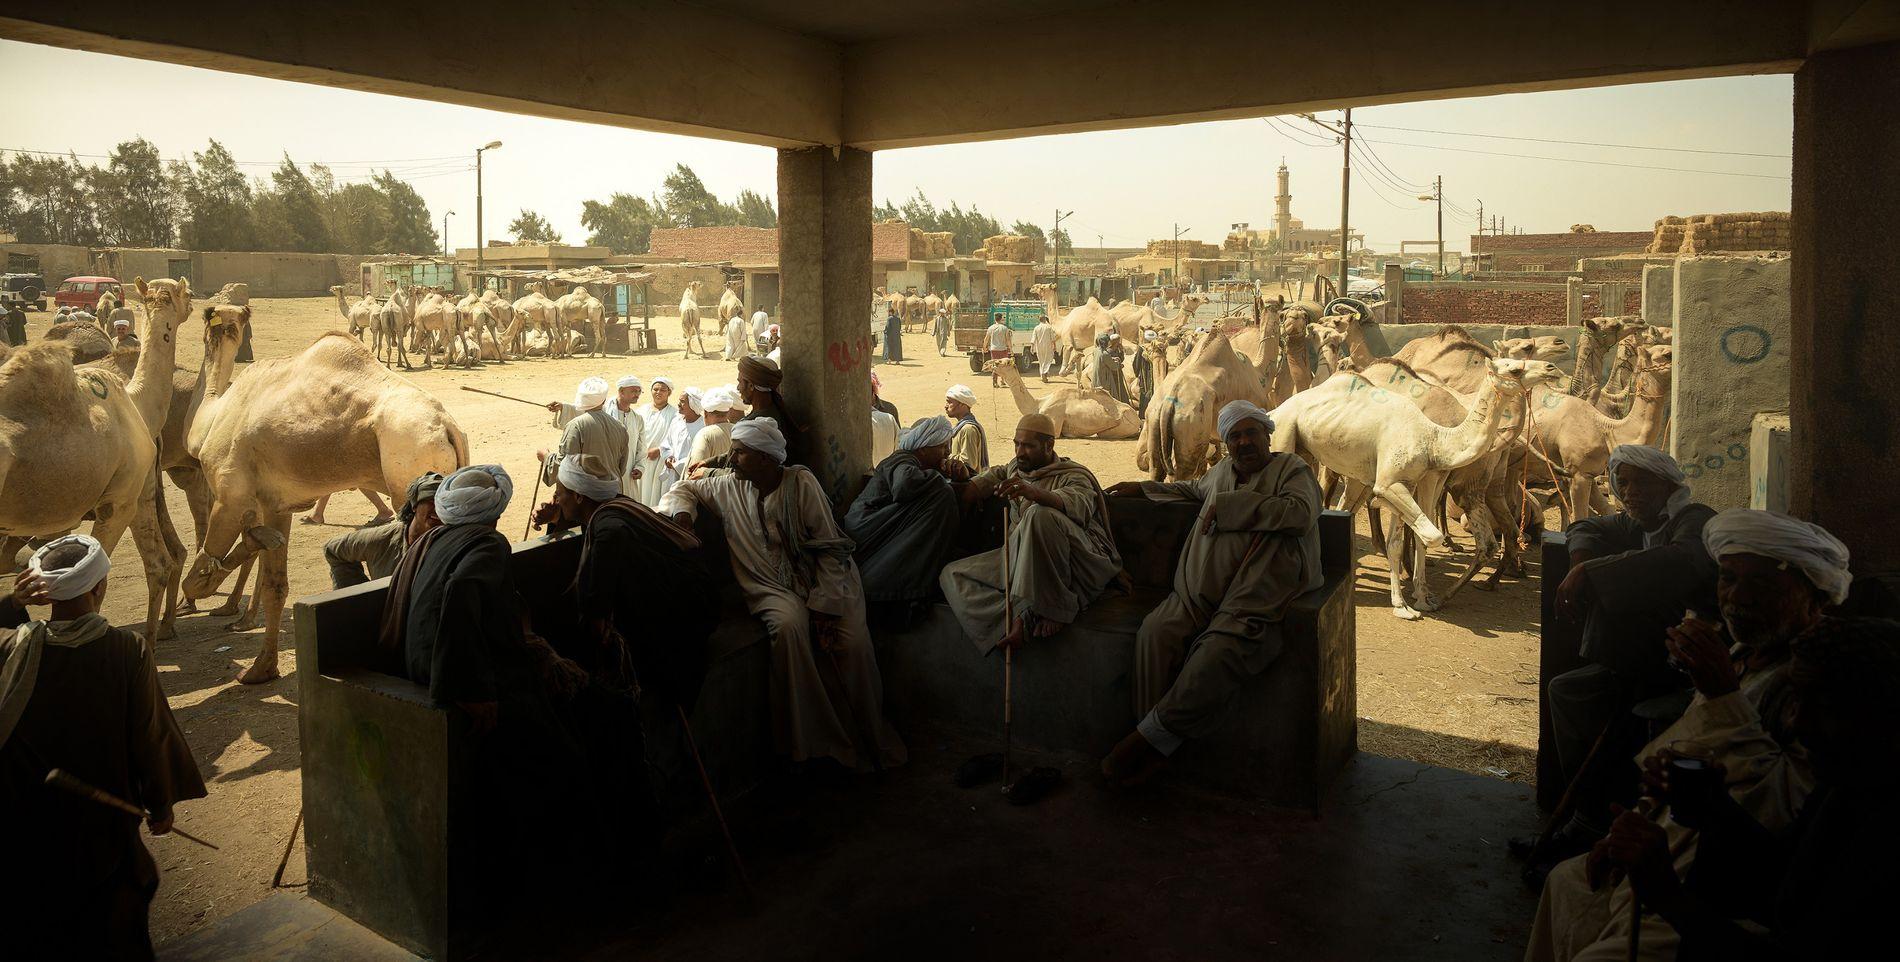 Marché aux chameaux, Birsqah, Égypte, 2018 - Jour après jour, plus de 6000 chameaux défilent en ...